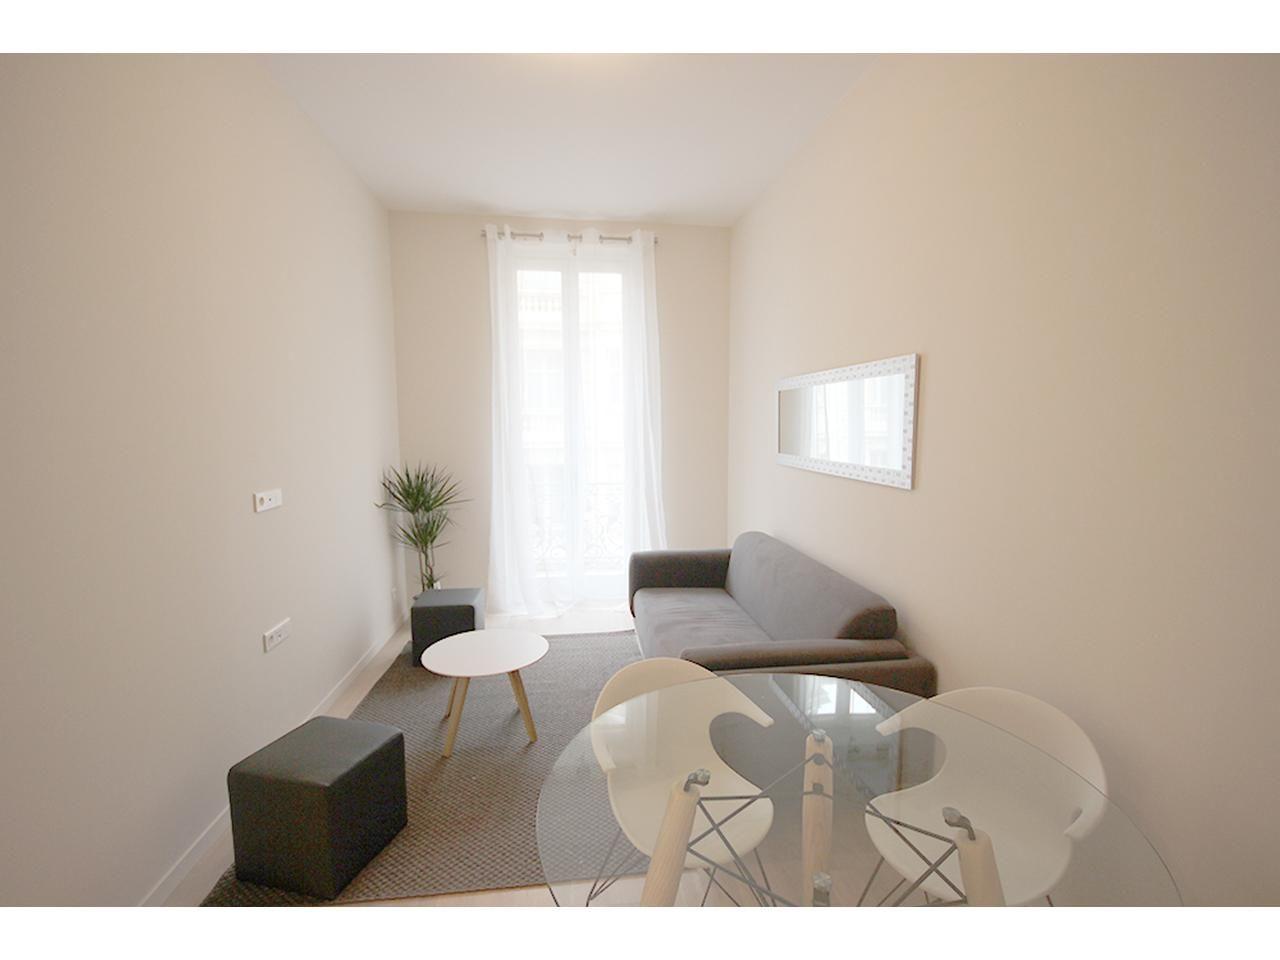 Квартира в Ницце, Франция, 53 м2 - фото 1